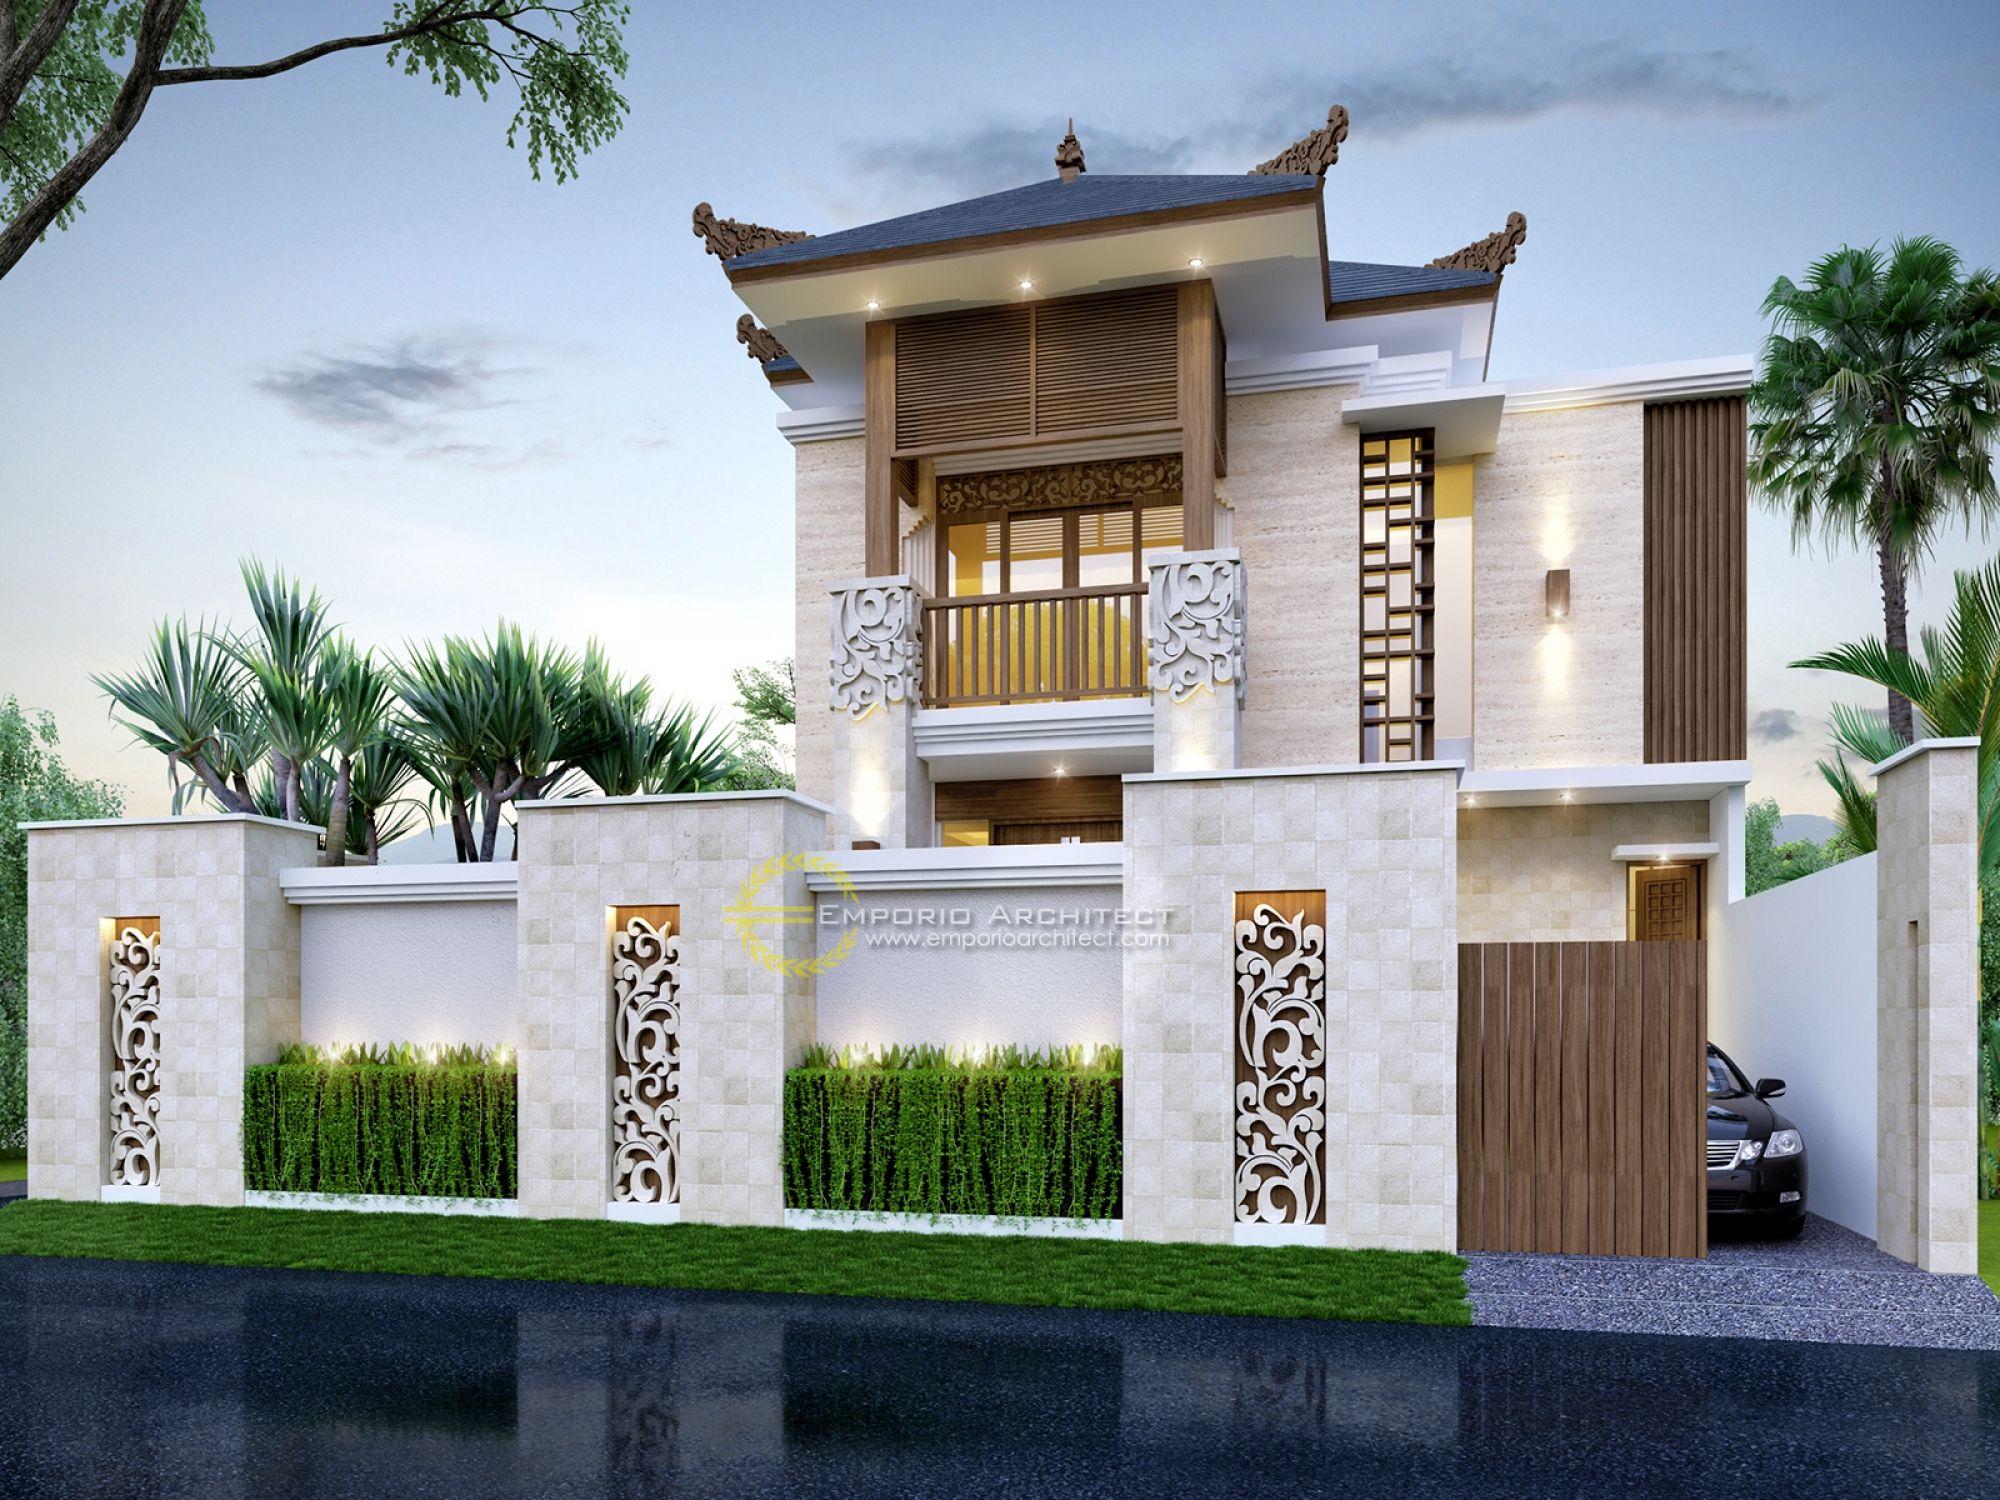 Jasa Arsitek Desain Rumah Ibu Fitri Jakarta Jasa Arsitek Desain Rumah Berkualitas Desain Villa Bali Modern Tropis Profesional Desain Rumah Desain Rumah Batu